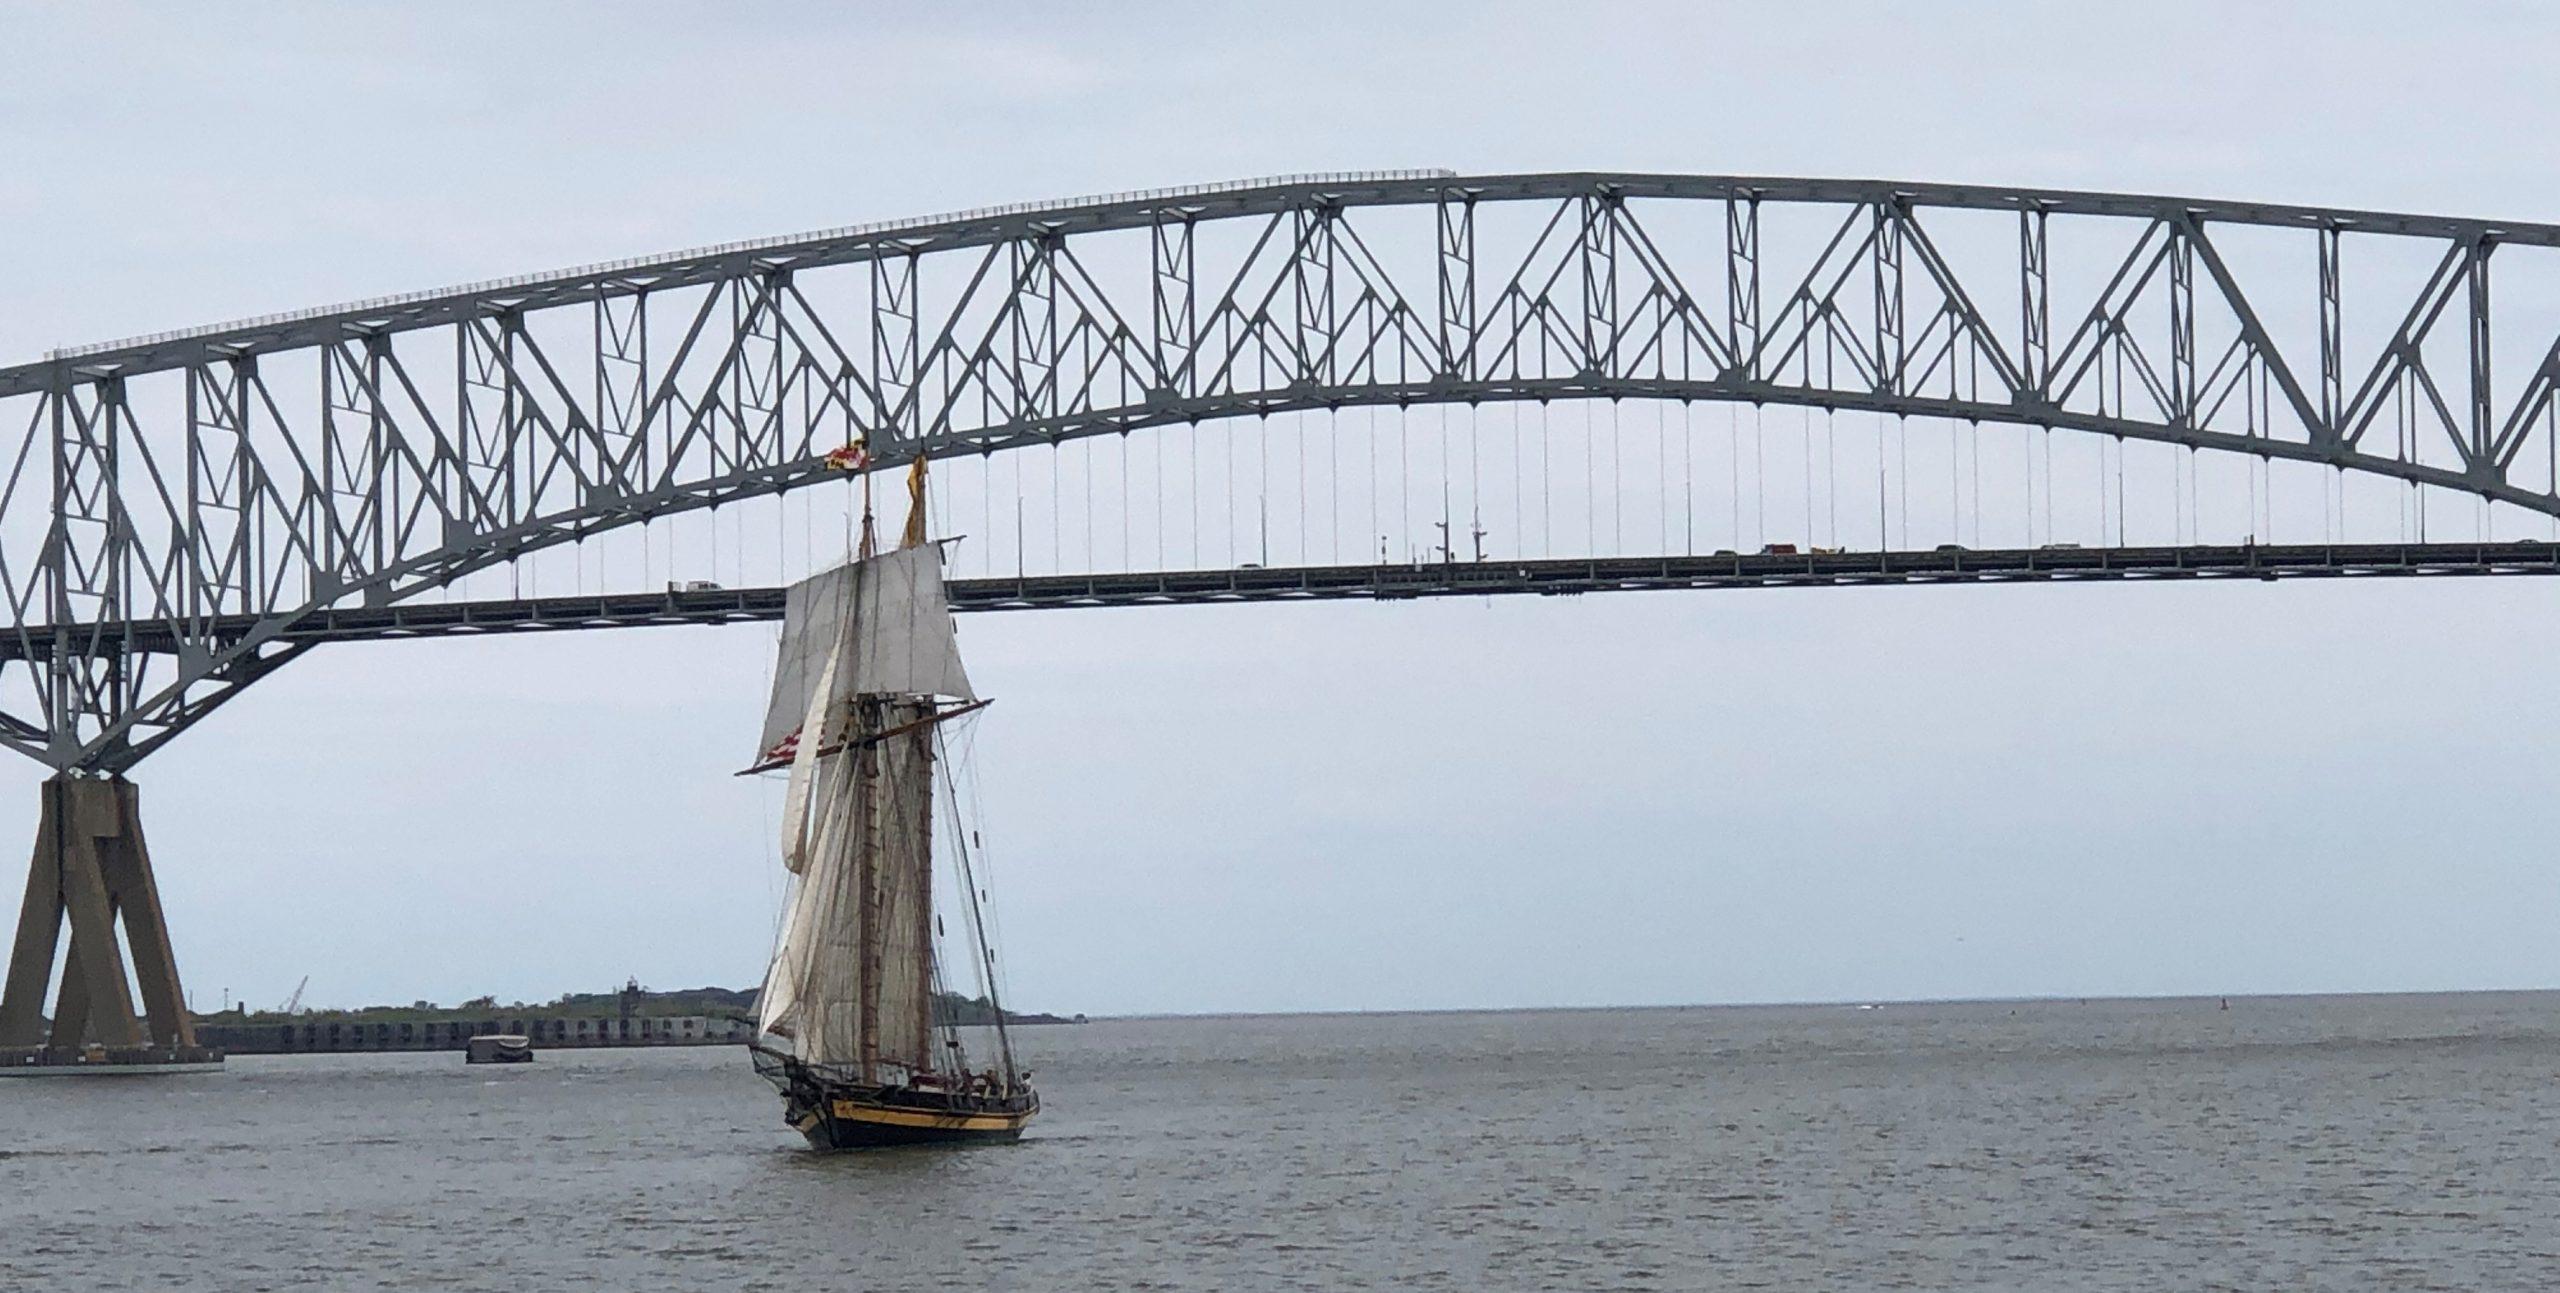 PRIDE II returning to Baltimore under sail